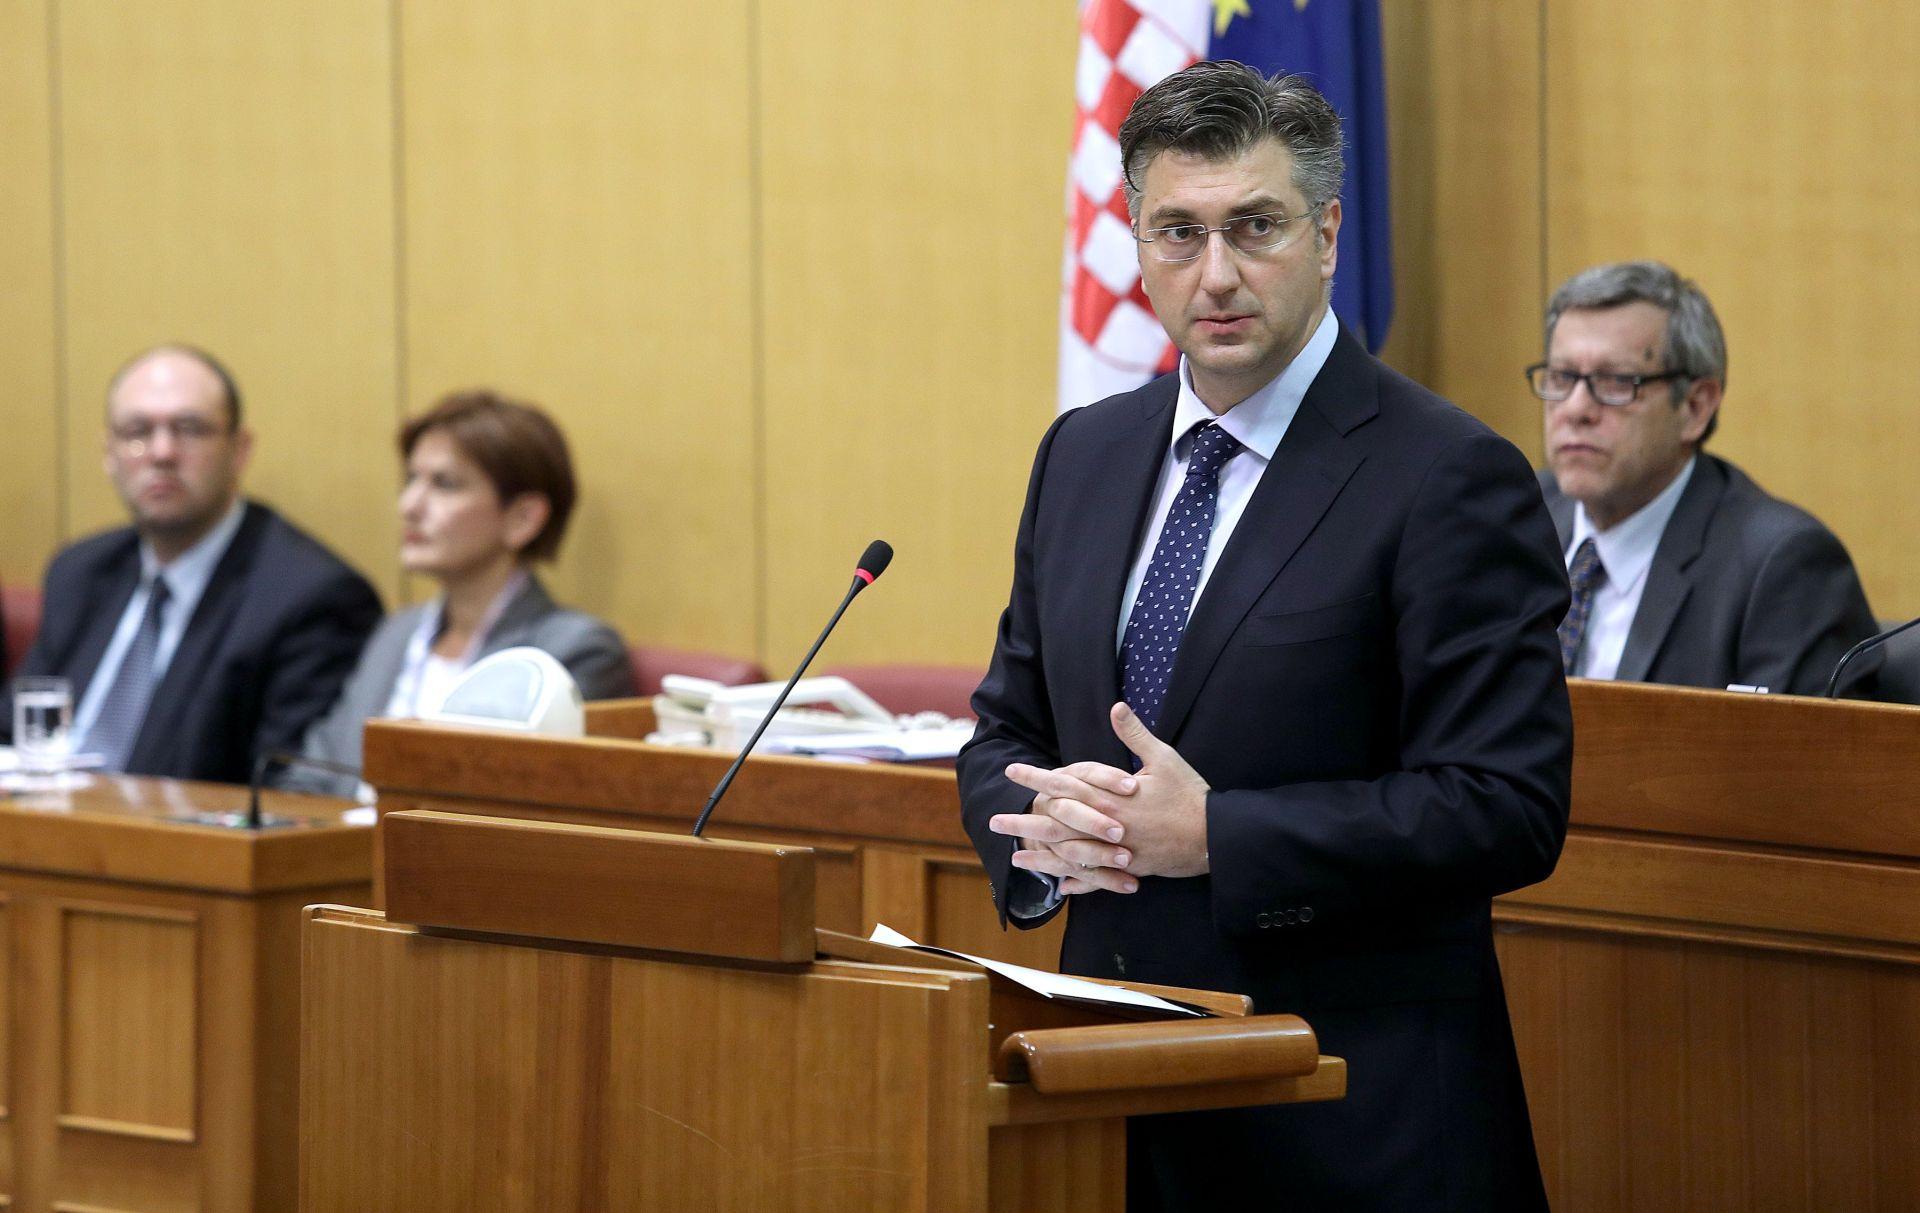 PREMIJER PLENKOVIĆ: 'Državni proračun je racionalan i kvalitetan'